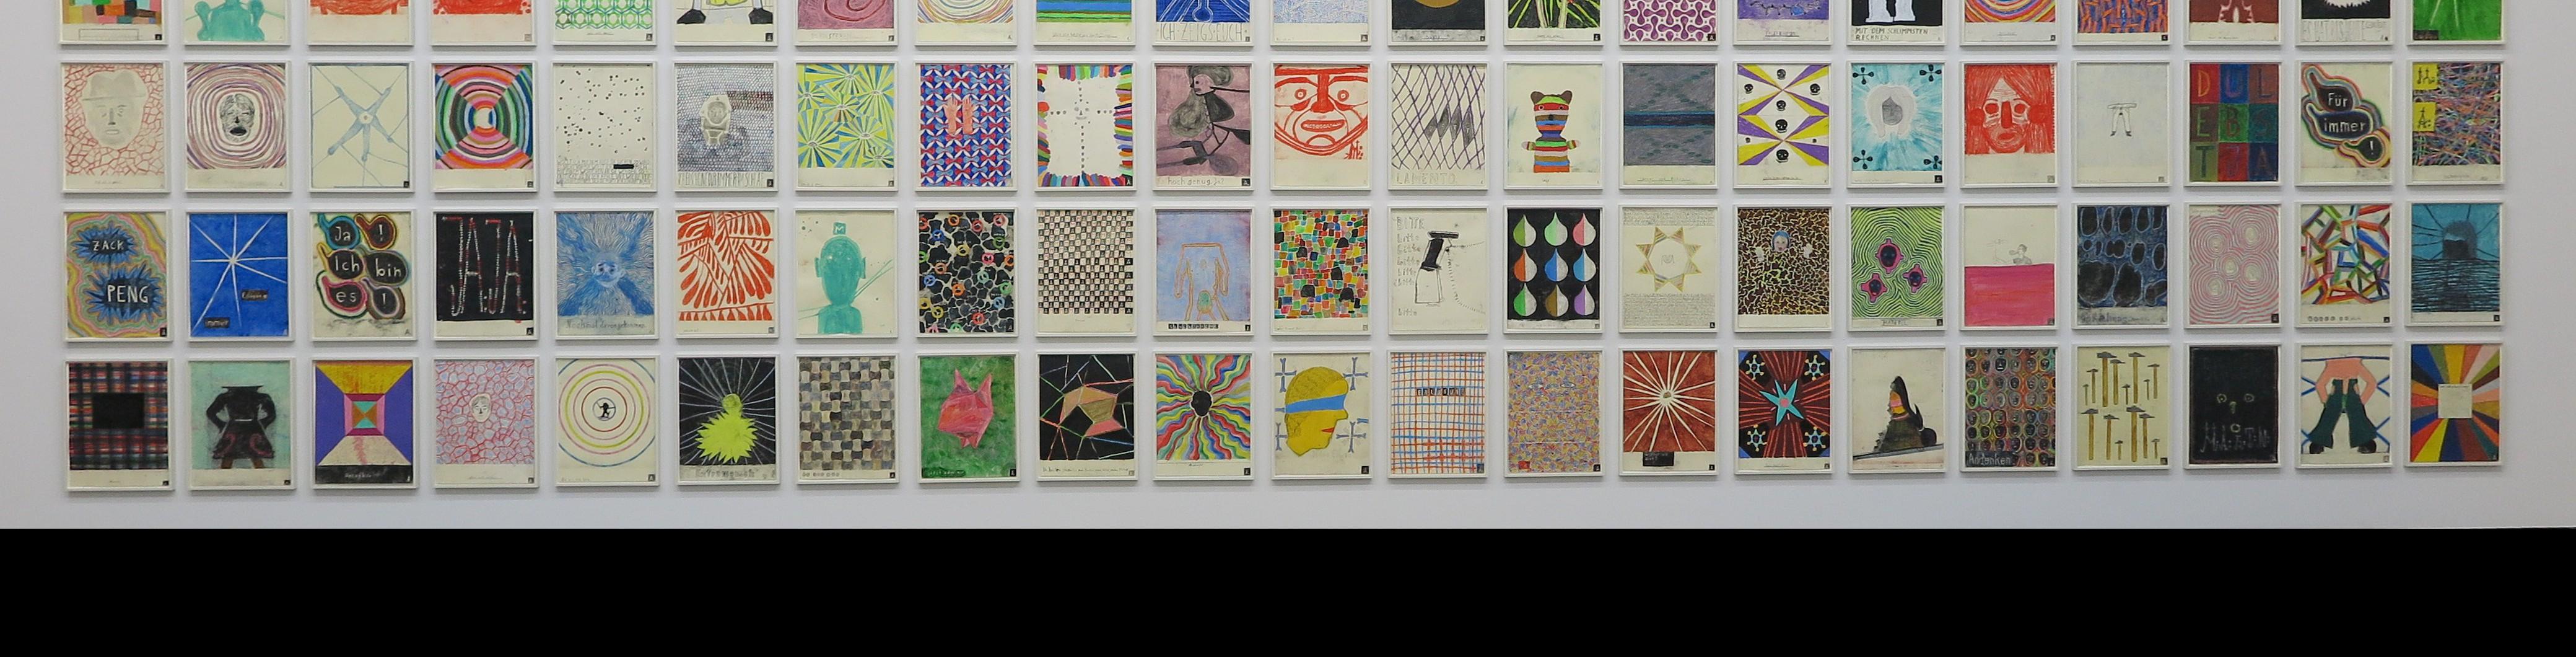 Martin Assig - Wand met tekeningen